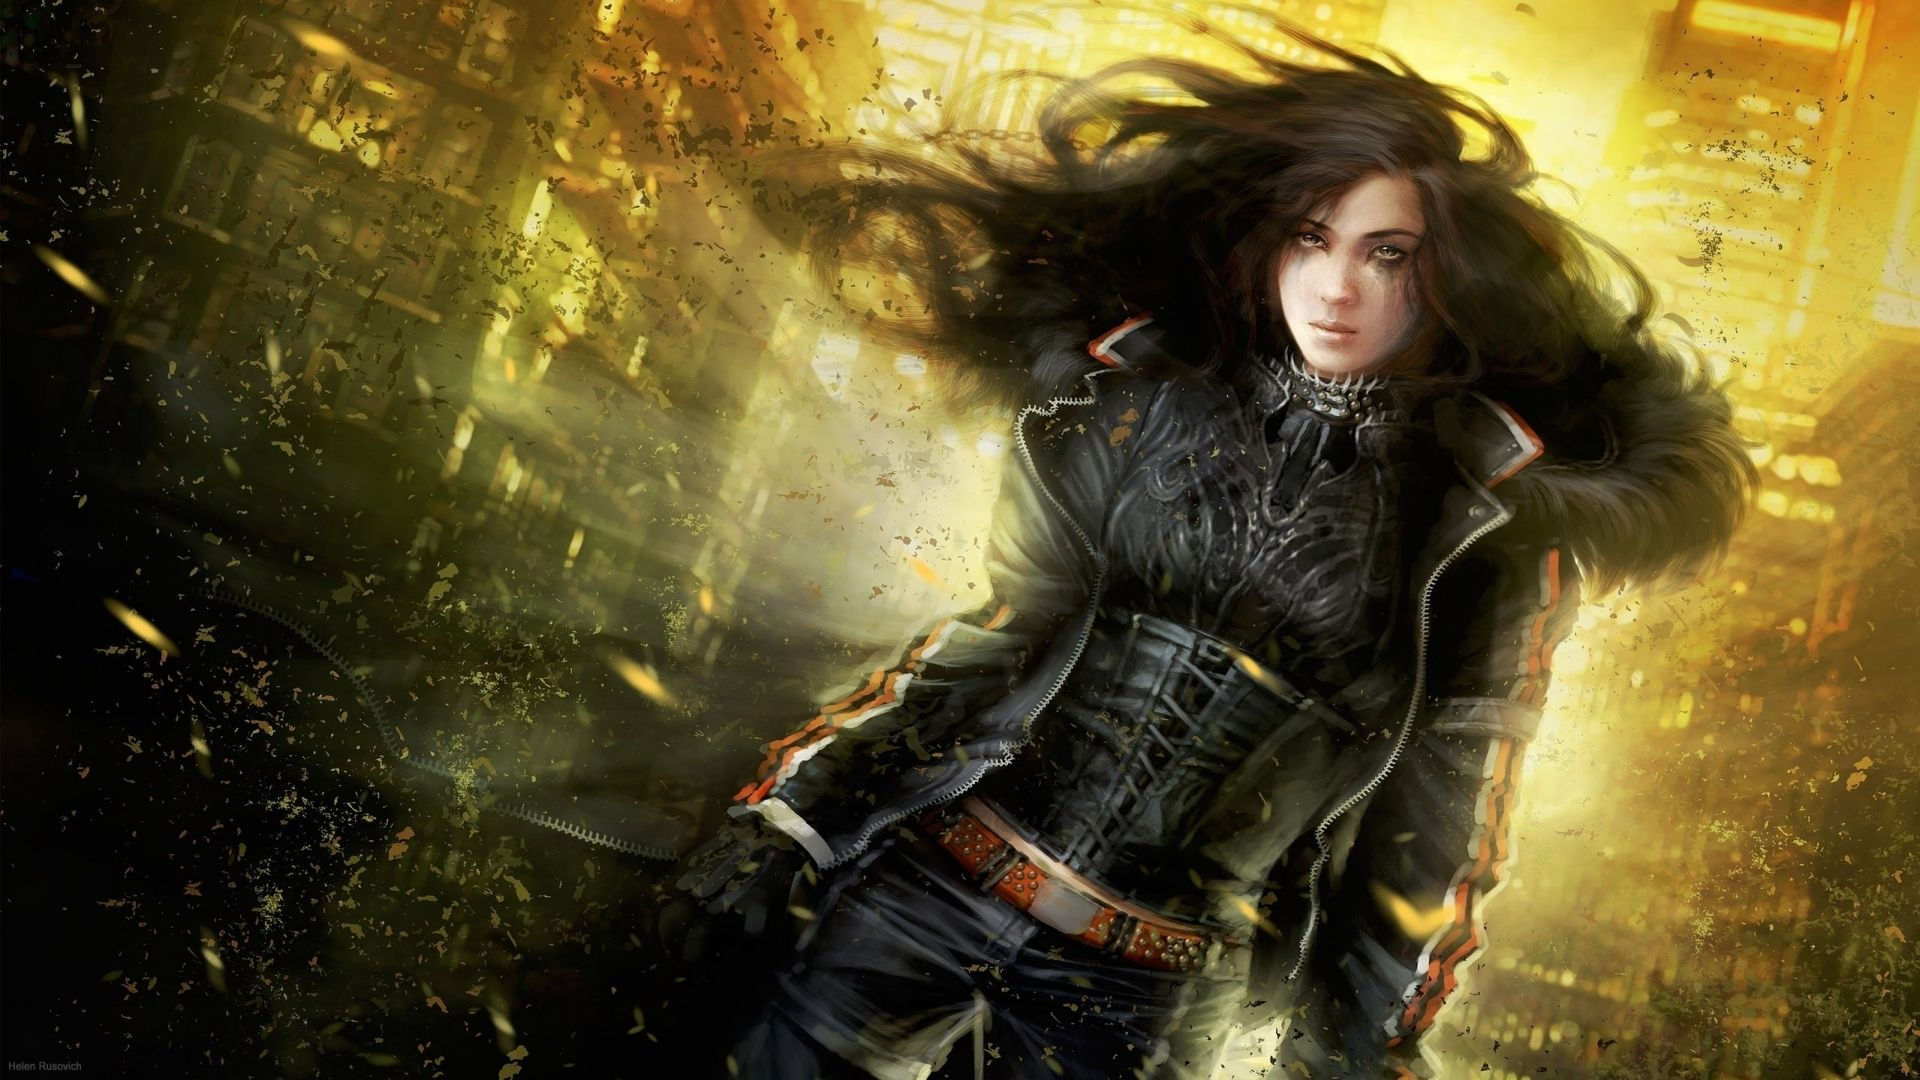 cg digital art women apocalypse sci fi futuristic brunette fantasy